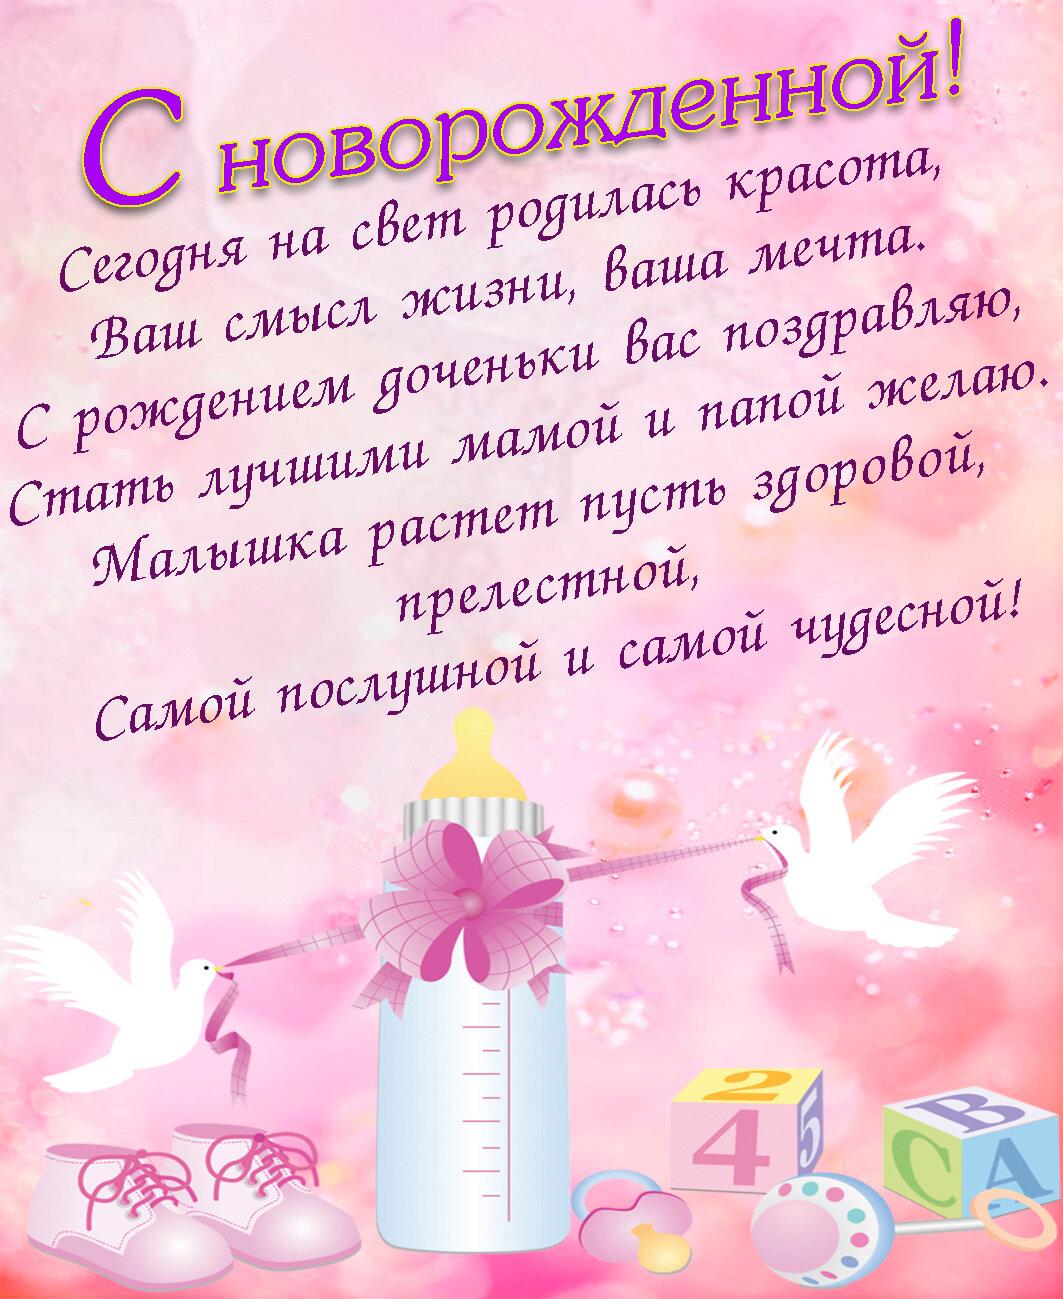 Картинка надписью, открытки поздравления с дочкой